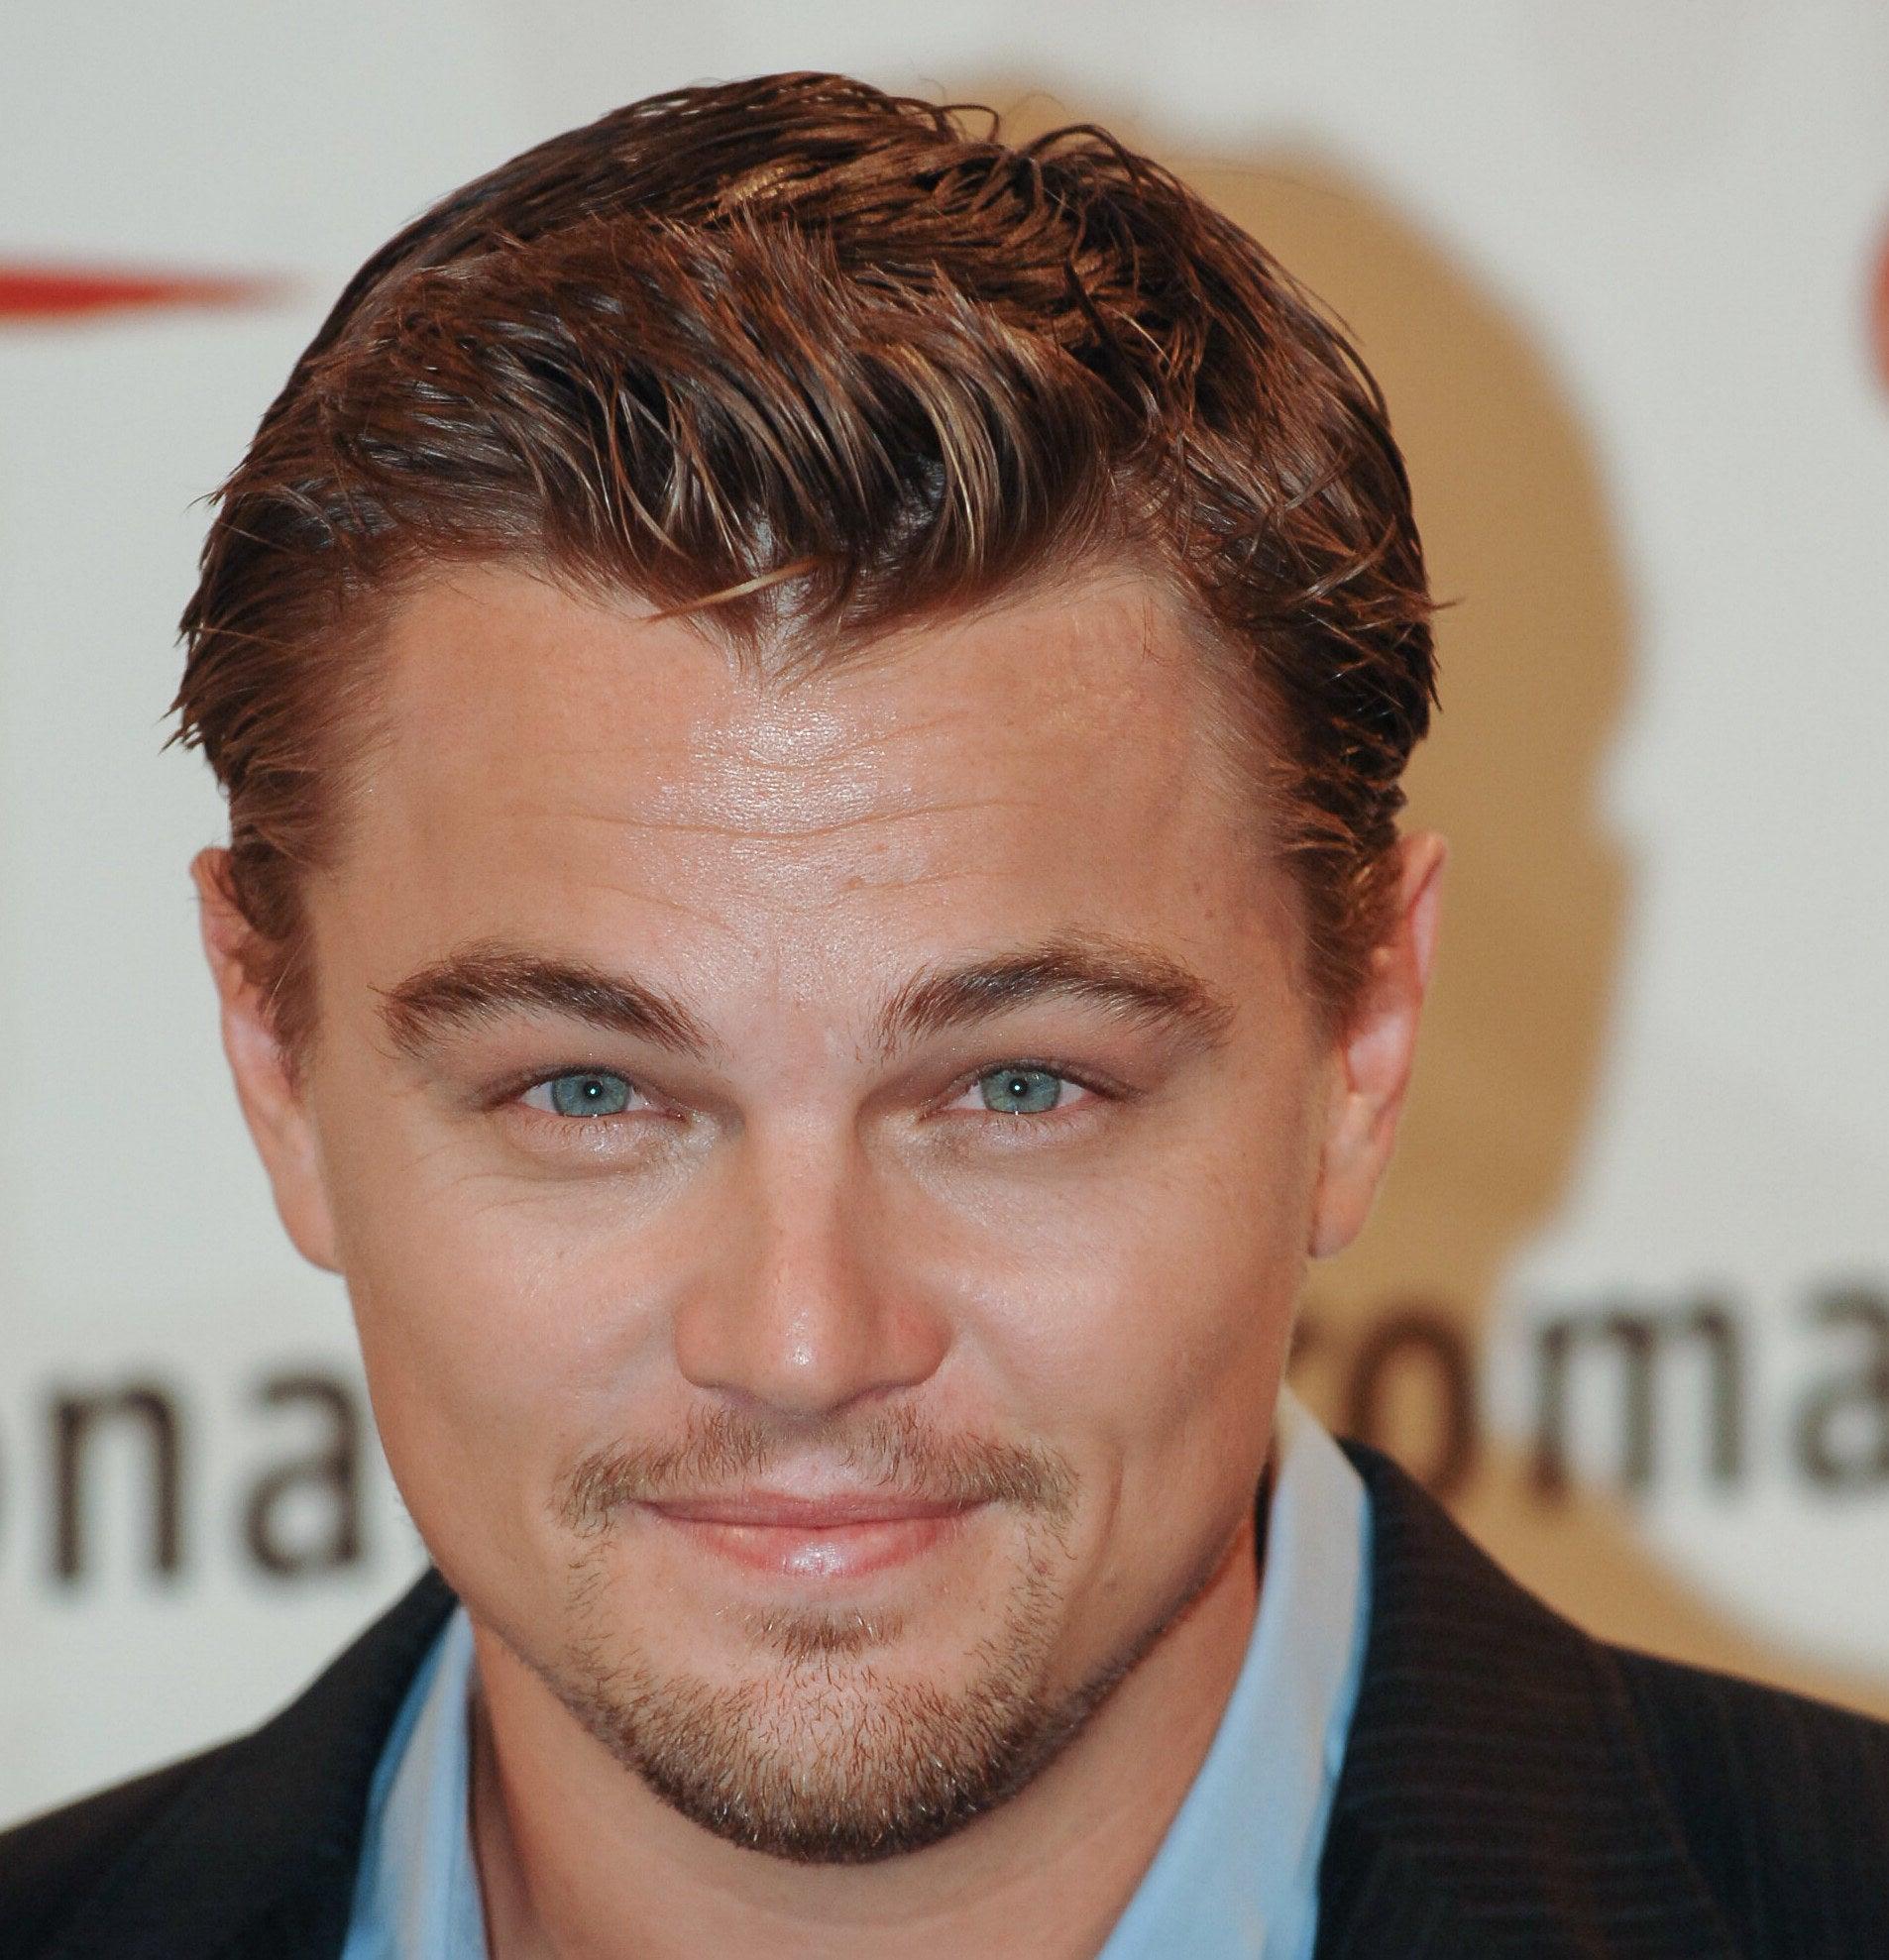 Close up photo of Leonardo DiCaprio